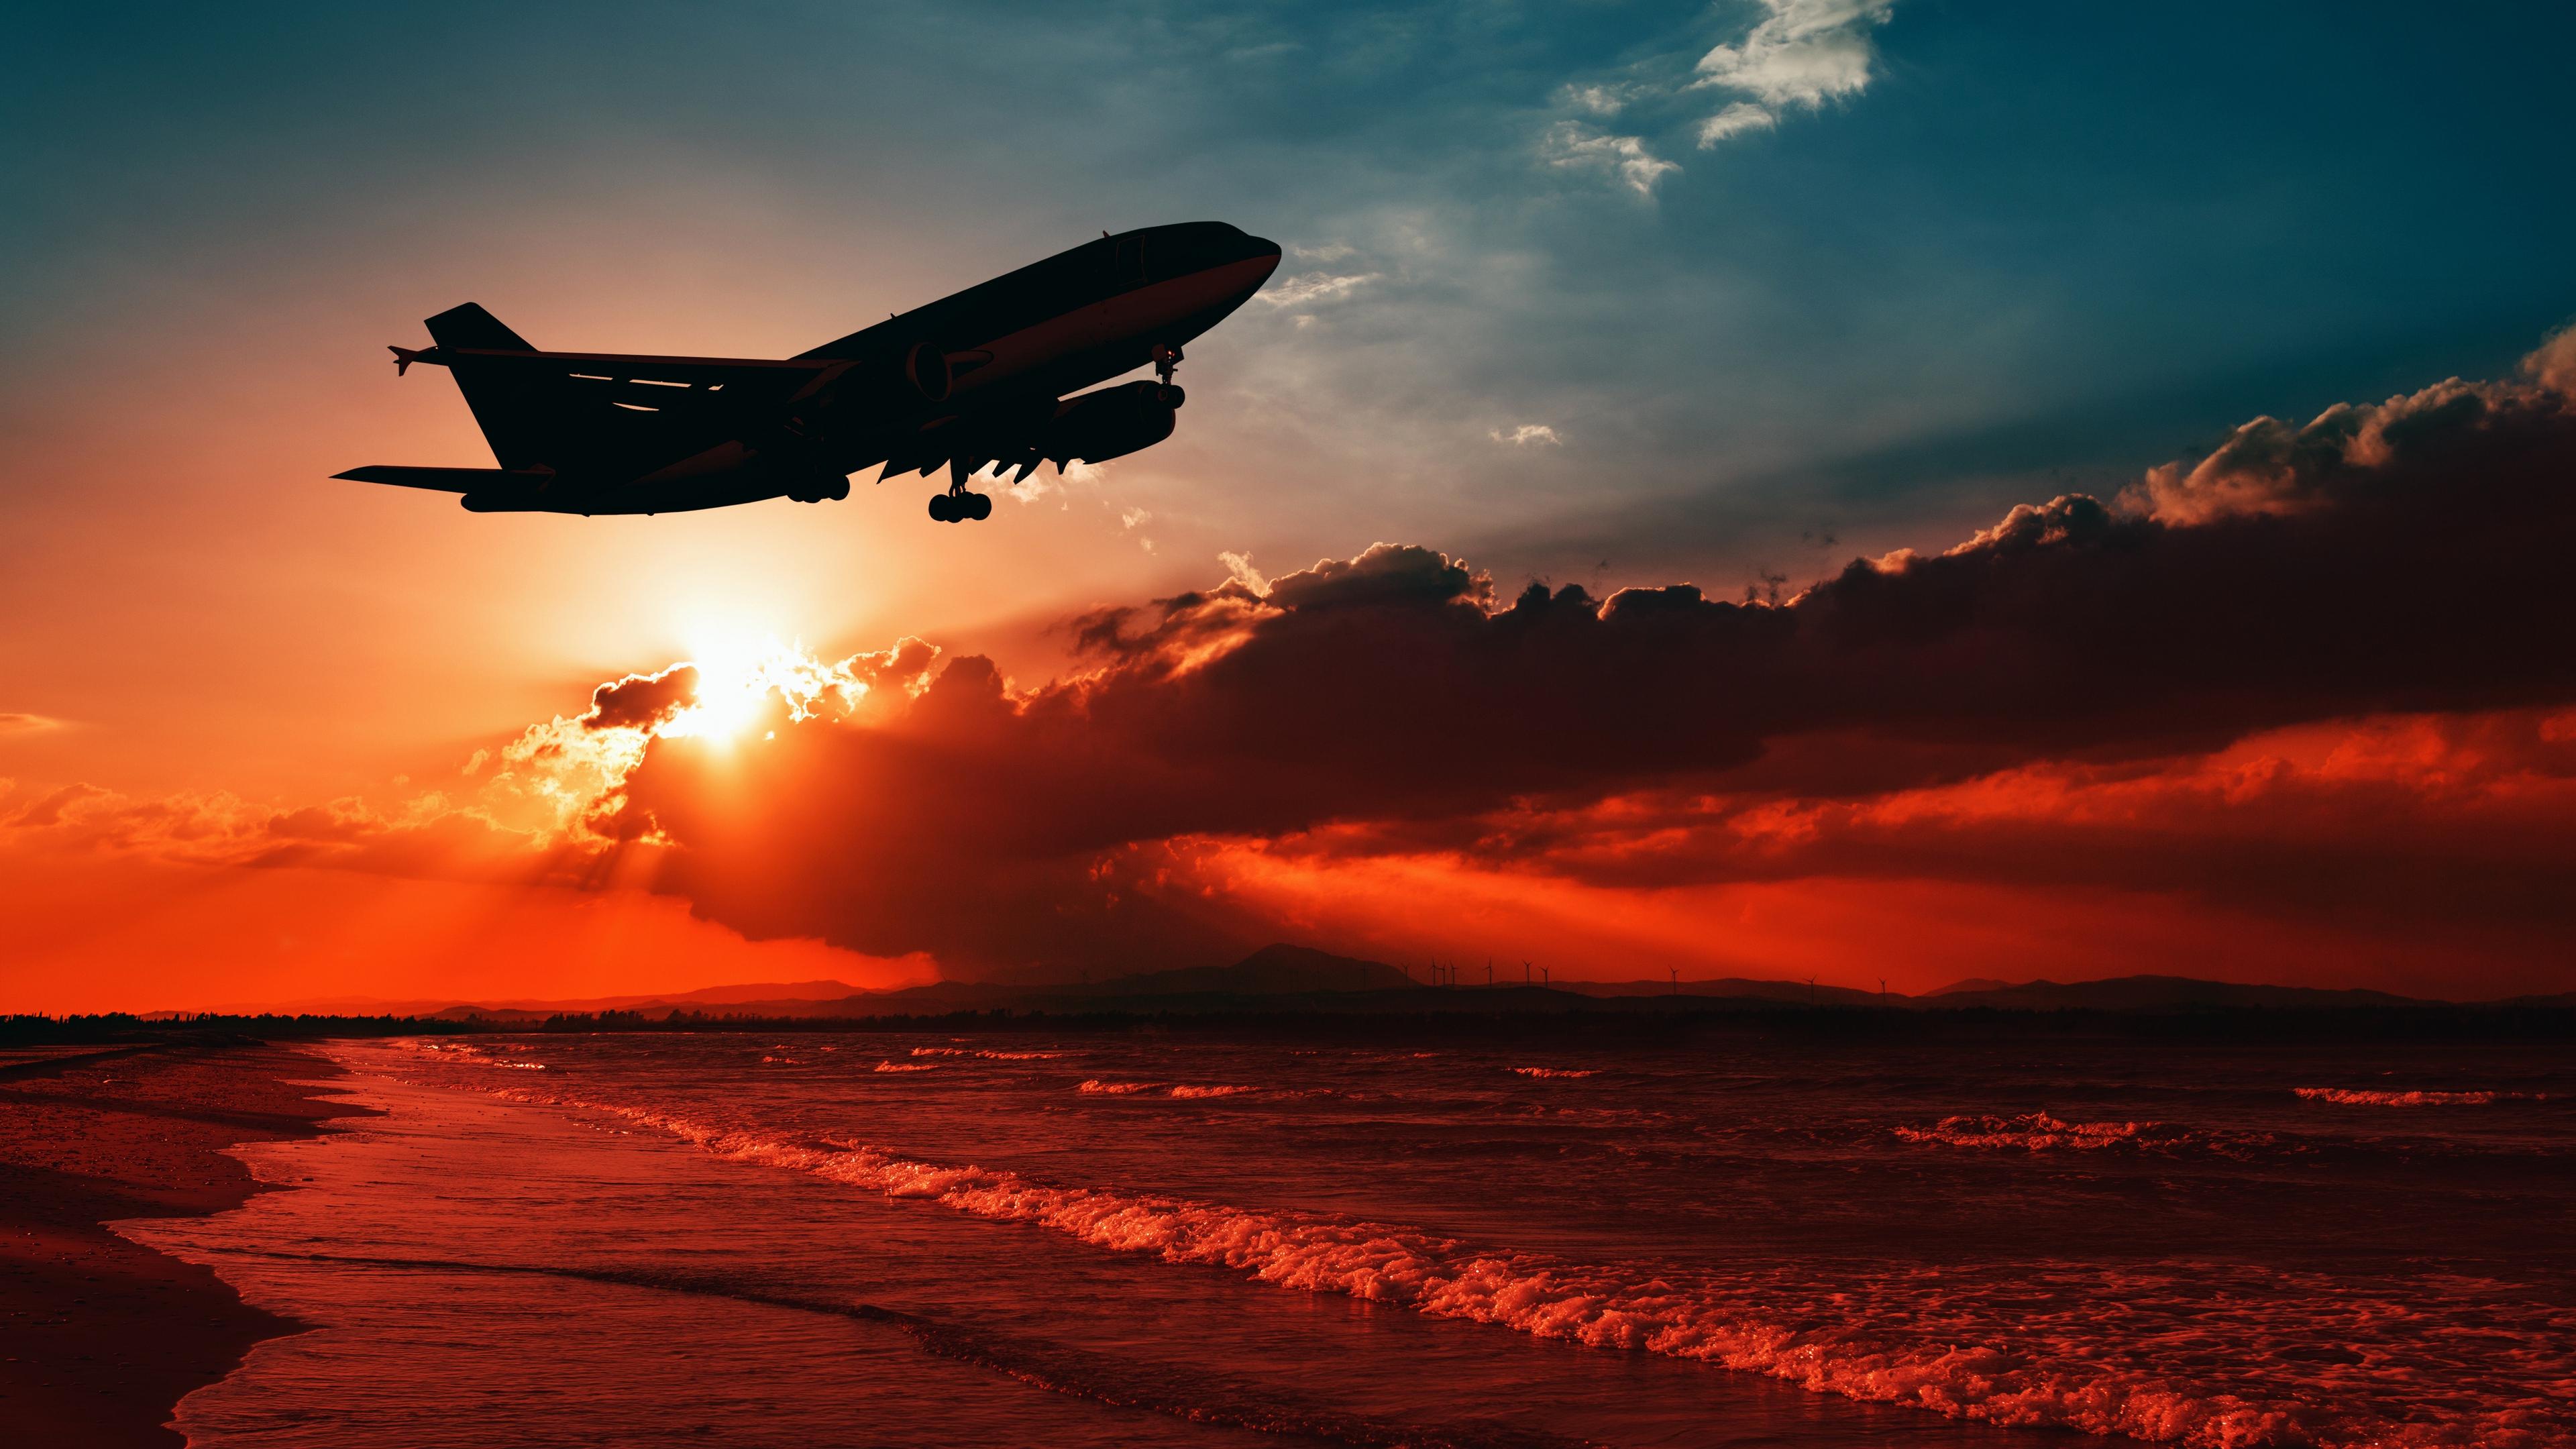 airplane sea sunset takeoff silhouette sky 4k 1540575103 - airplane, sea, sunset, takeoff, silhouette, sky 4k - sunset, Sea, Airplane